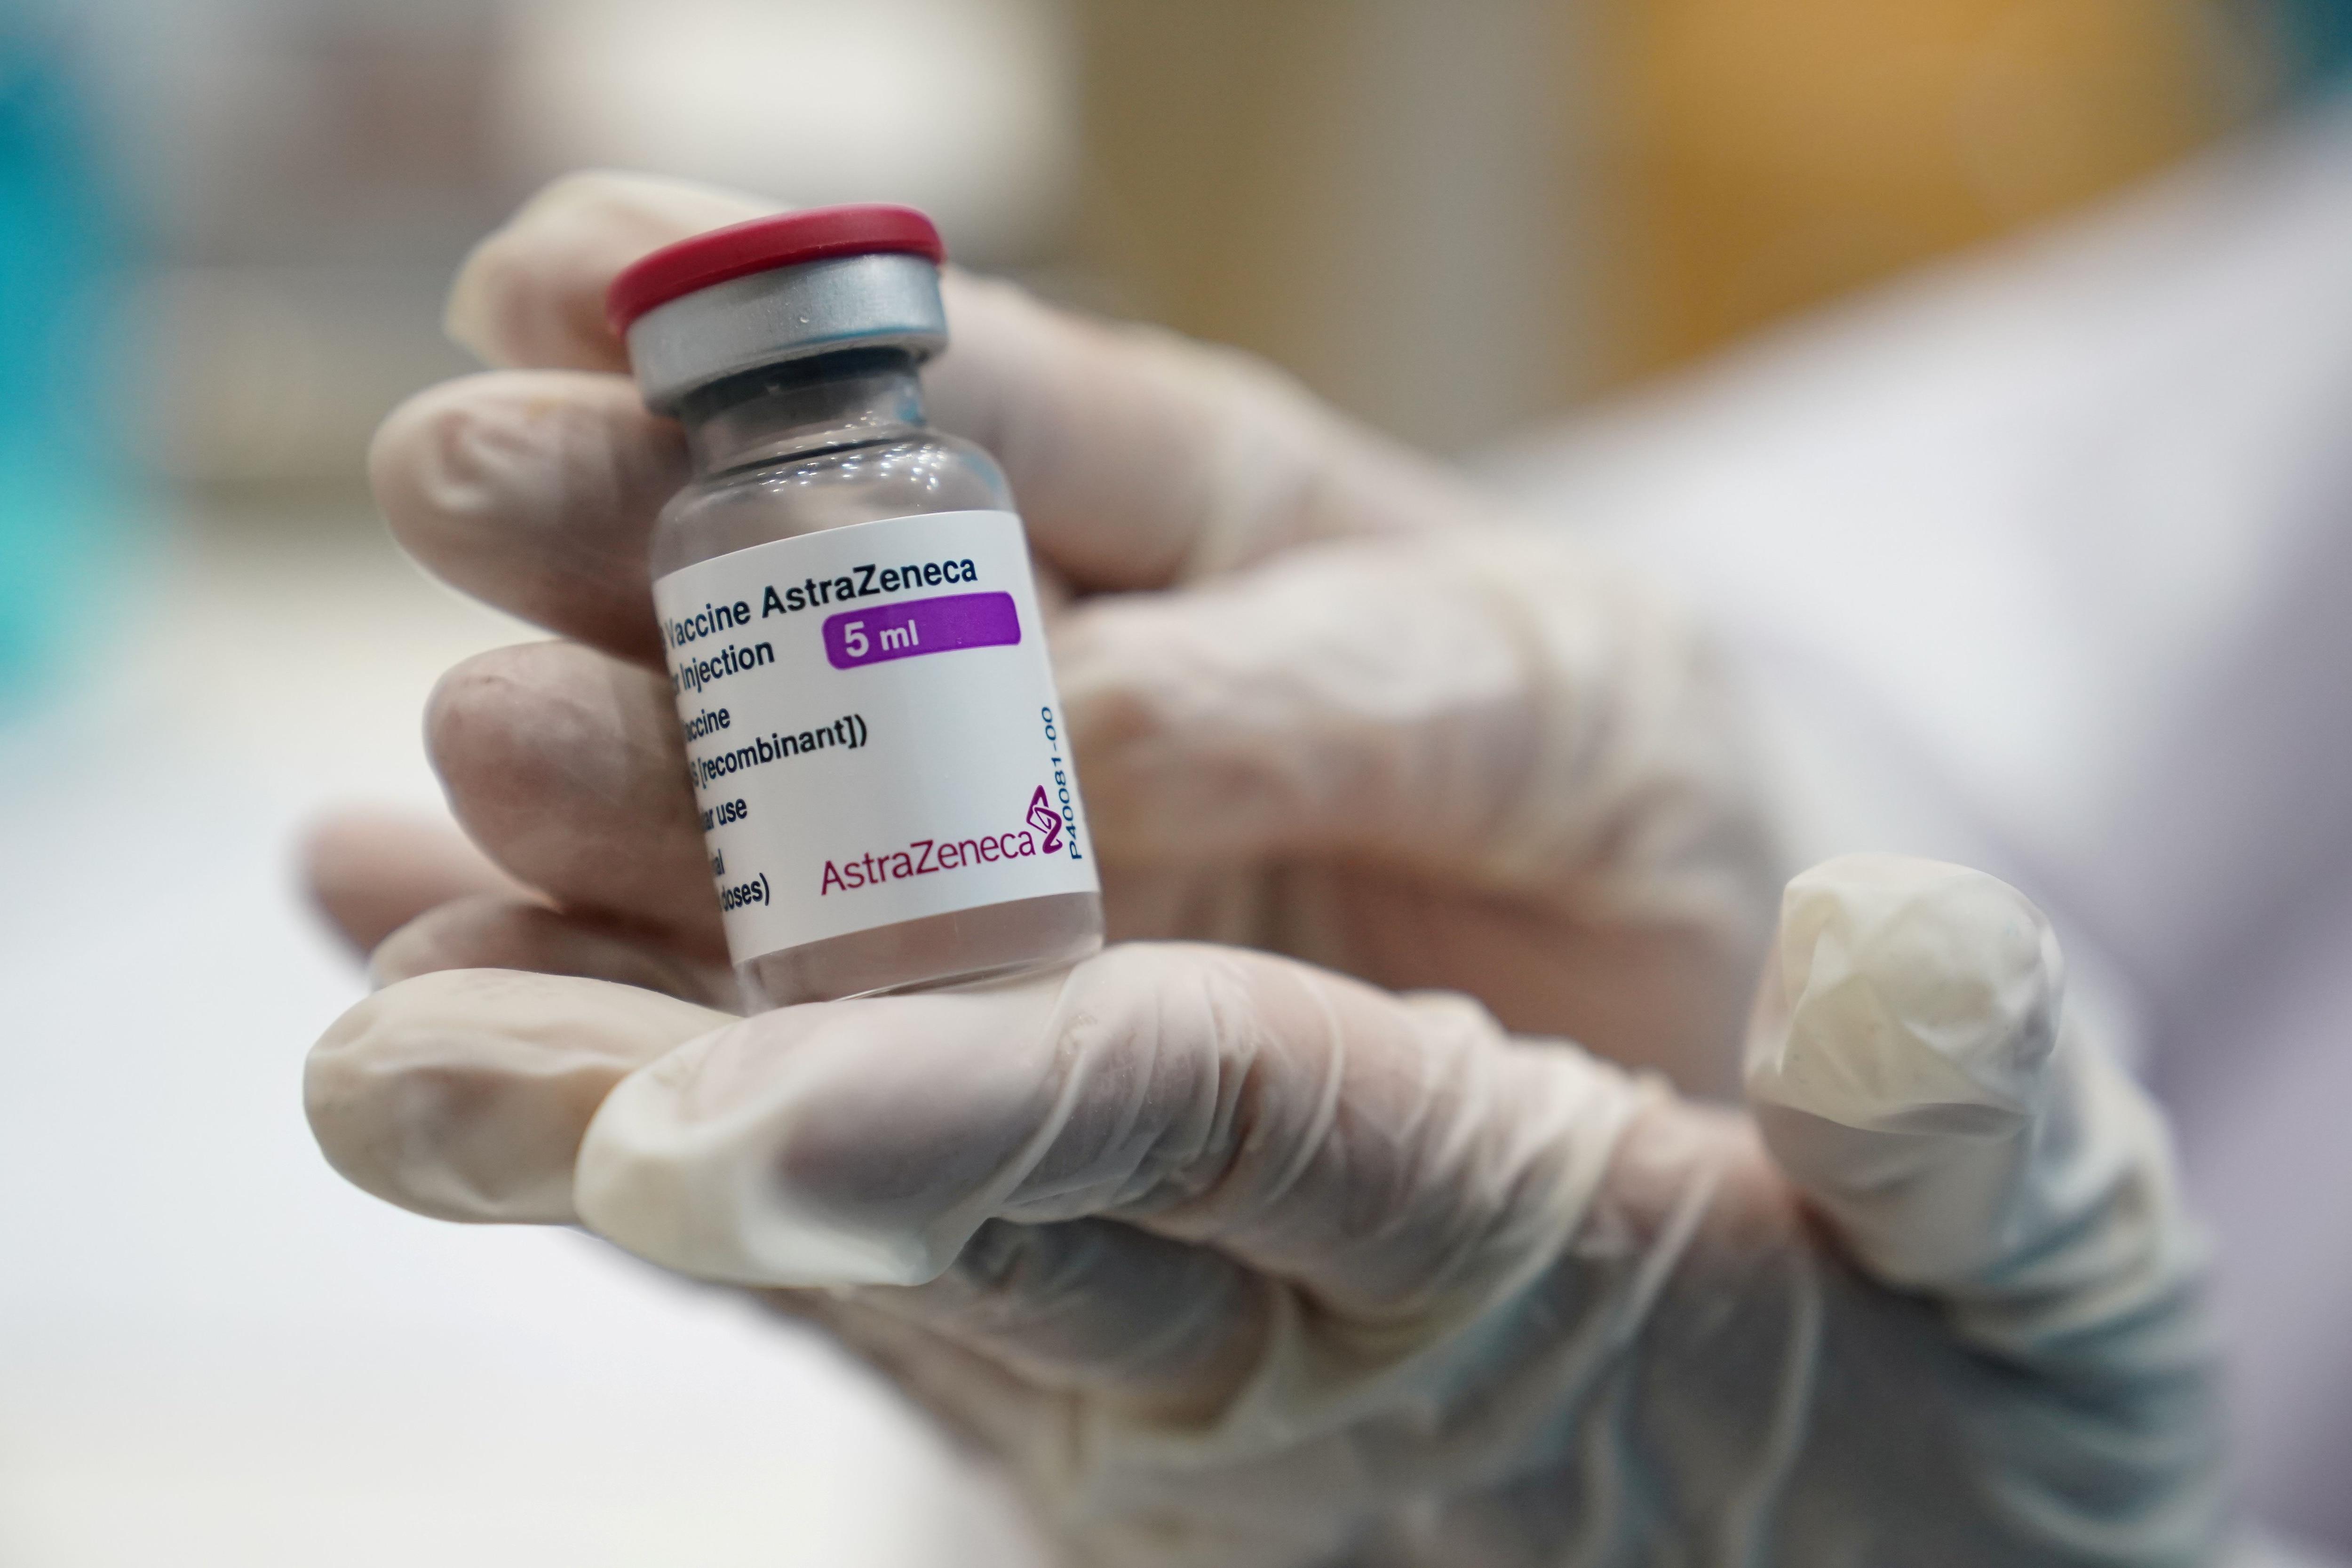 Los expertos afirman que se necesita más información para decidir si las personas podrían eventualmente necesitar dosis de refuerzo de las vacunas de COVID-19 REUTERS/Athit Perawongmetha/File Photo